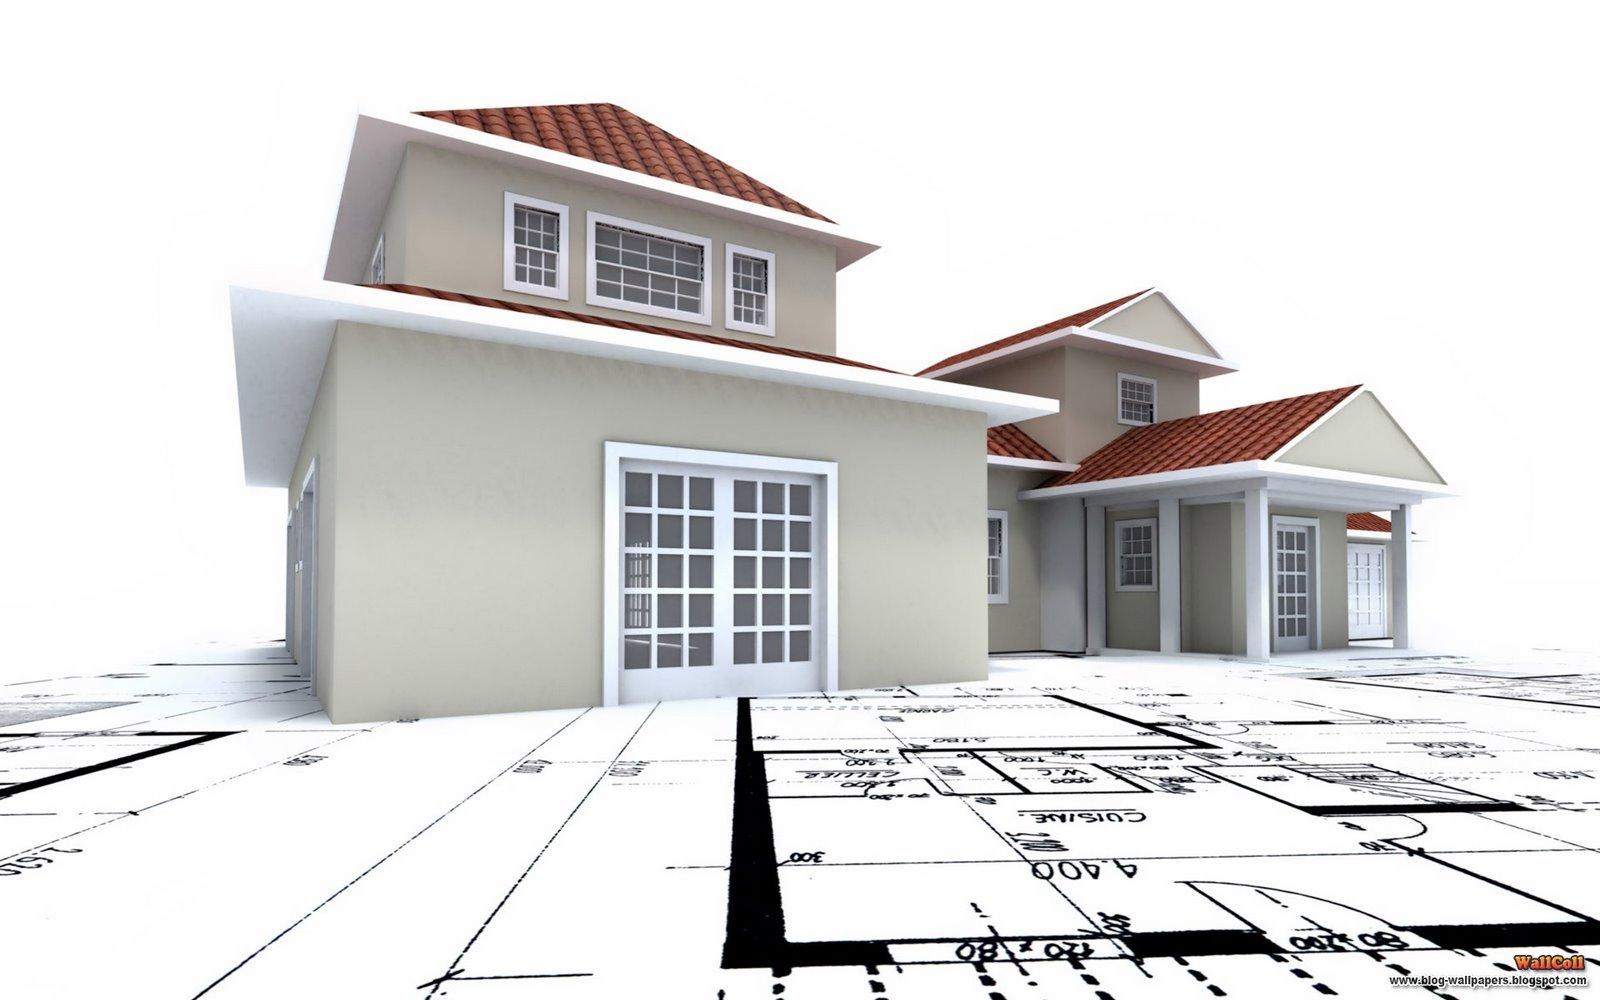 F rmulas de seguridad parar compra casas sobre plano - Seguridad de casas ...